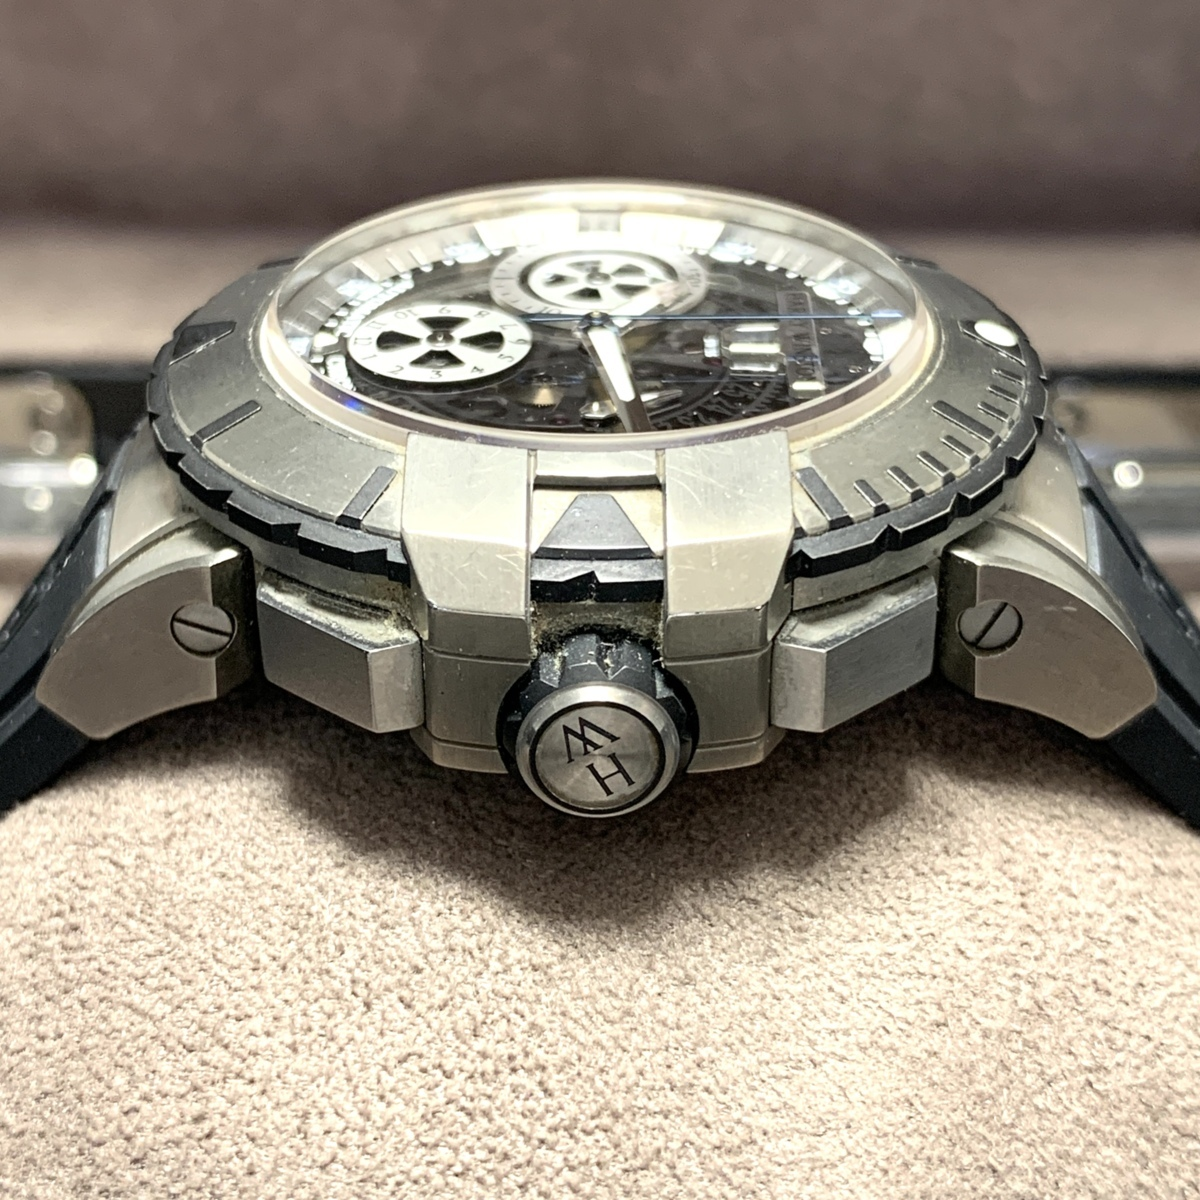 ◎1円~ ハリーウィンストン オーシャンスポーツ クロノ スケルトン 411/MCA44ZC.WI メンズ 自動巻き 保証書 腕時計 CD27176915_画像2